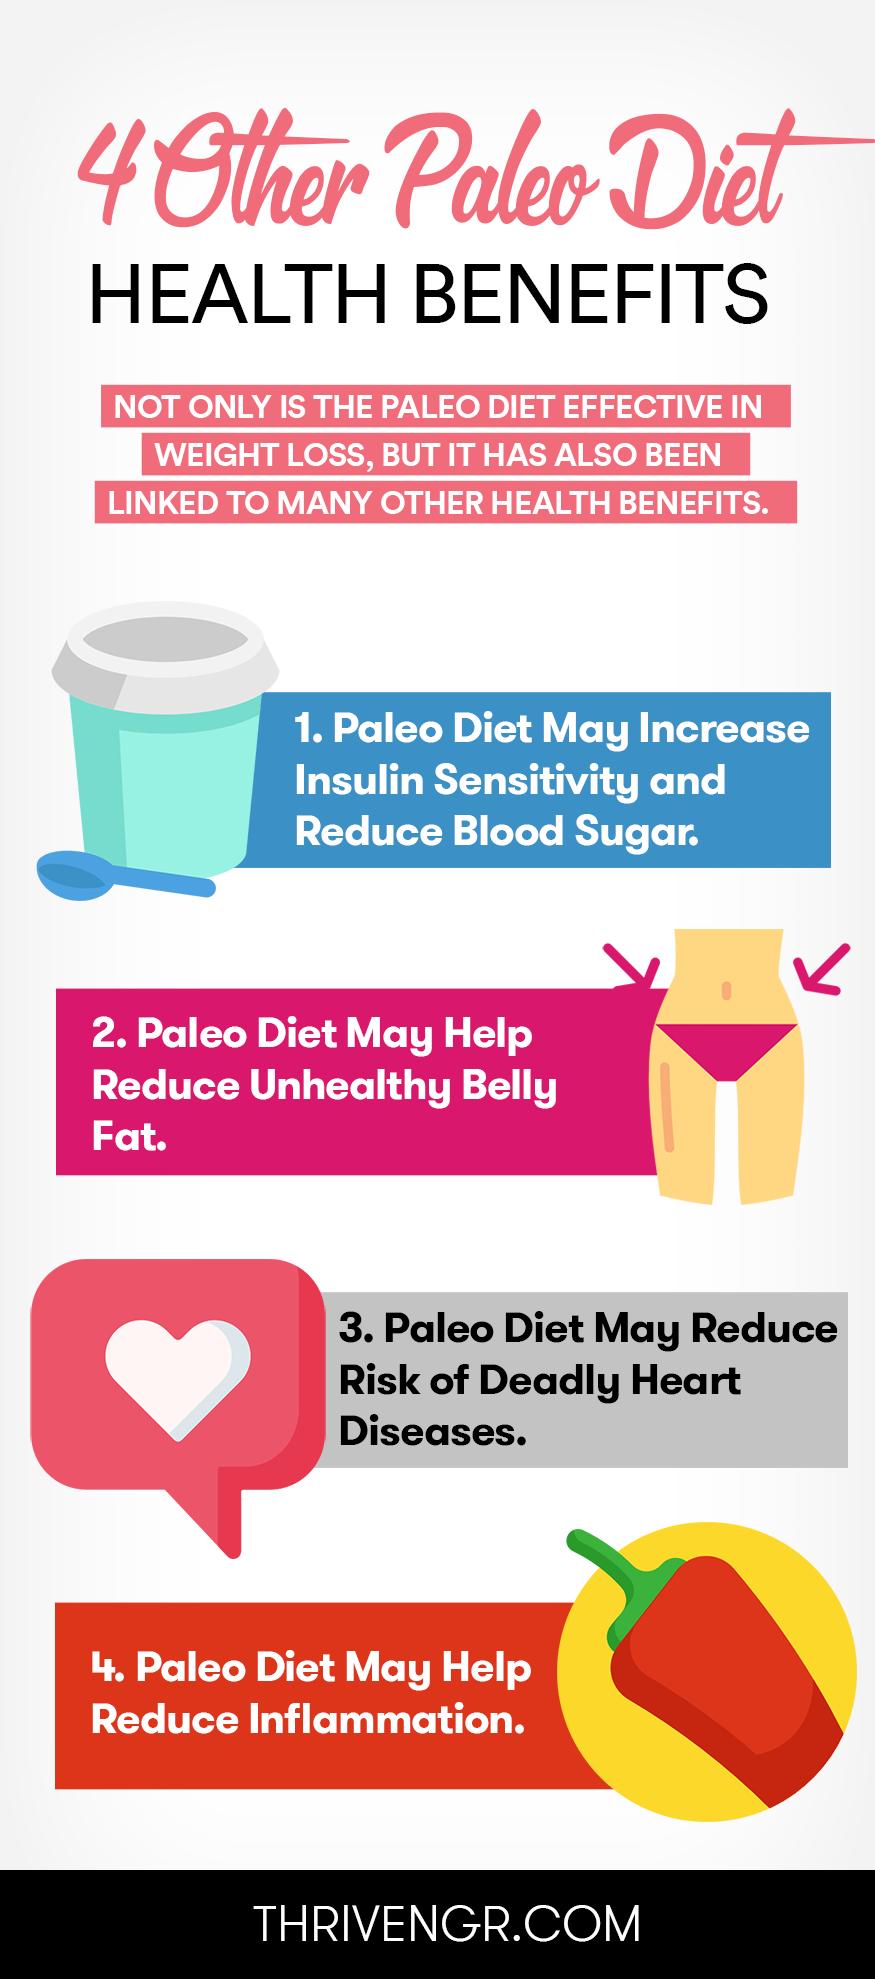 Paleo diet health benefits